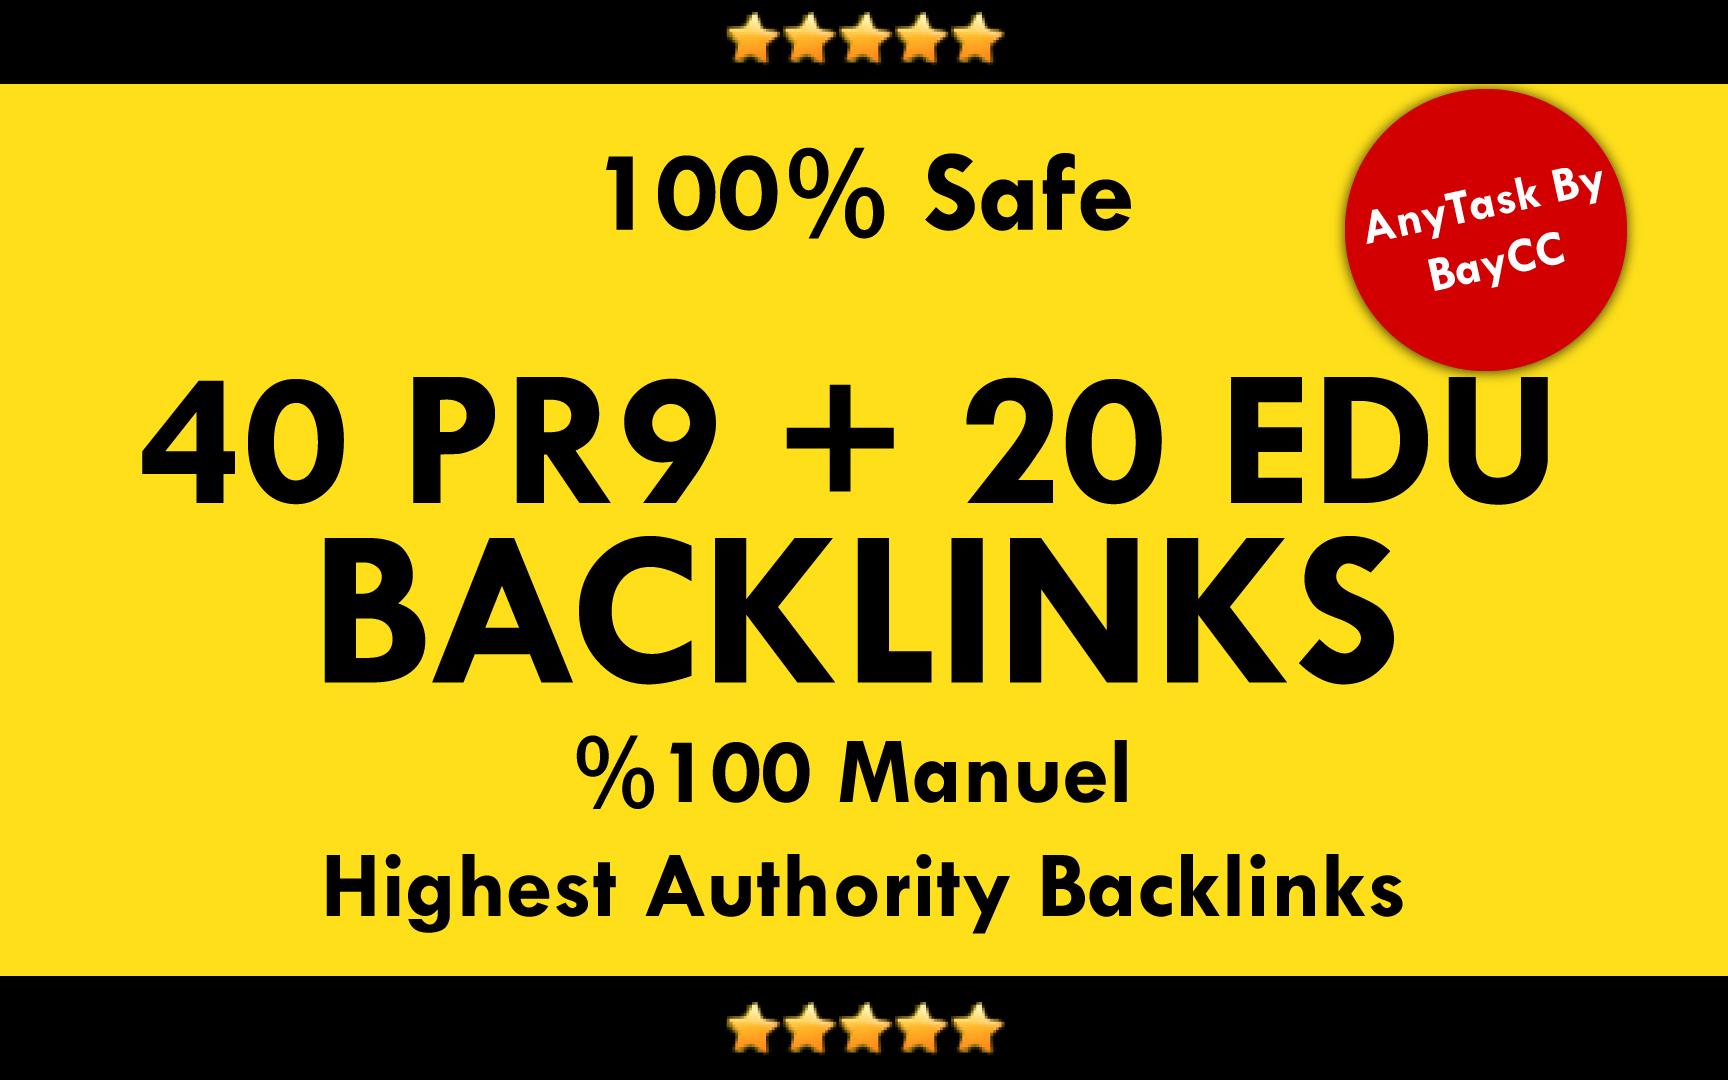 90 da 60 pr9 high da seo backlinks